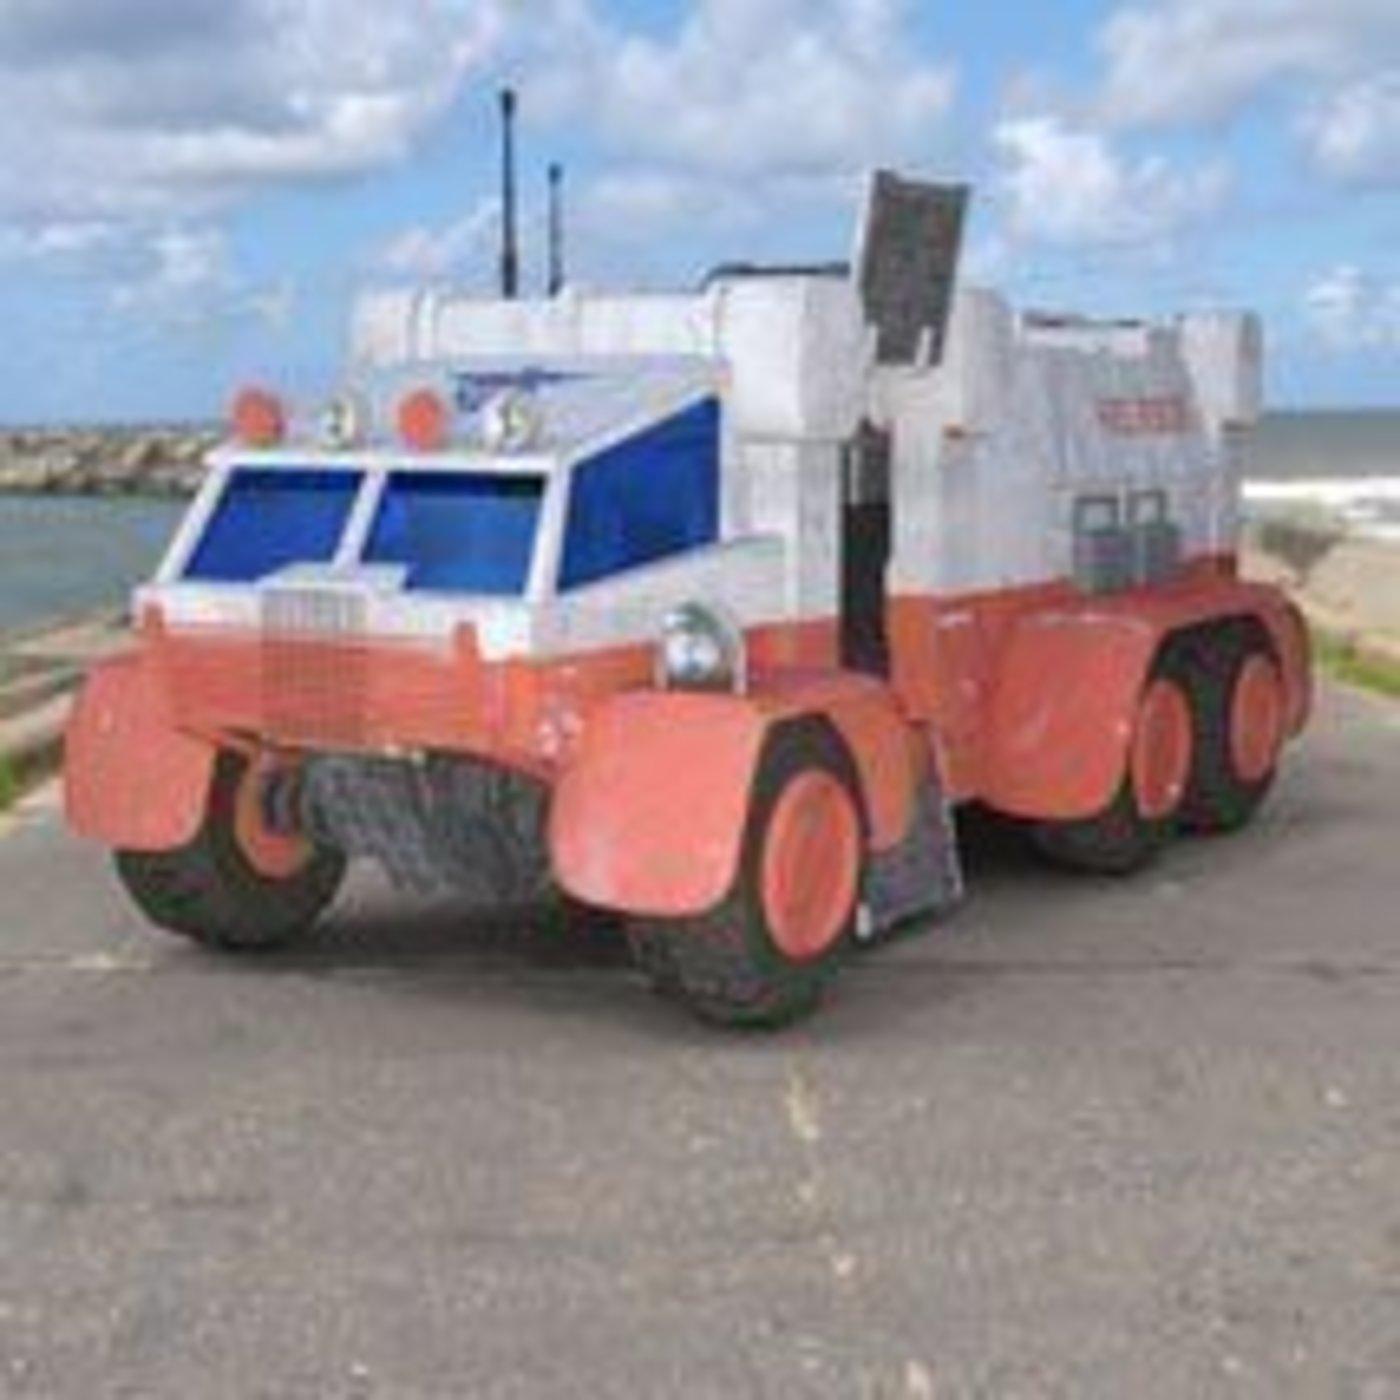 Sci-Fi Truck